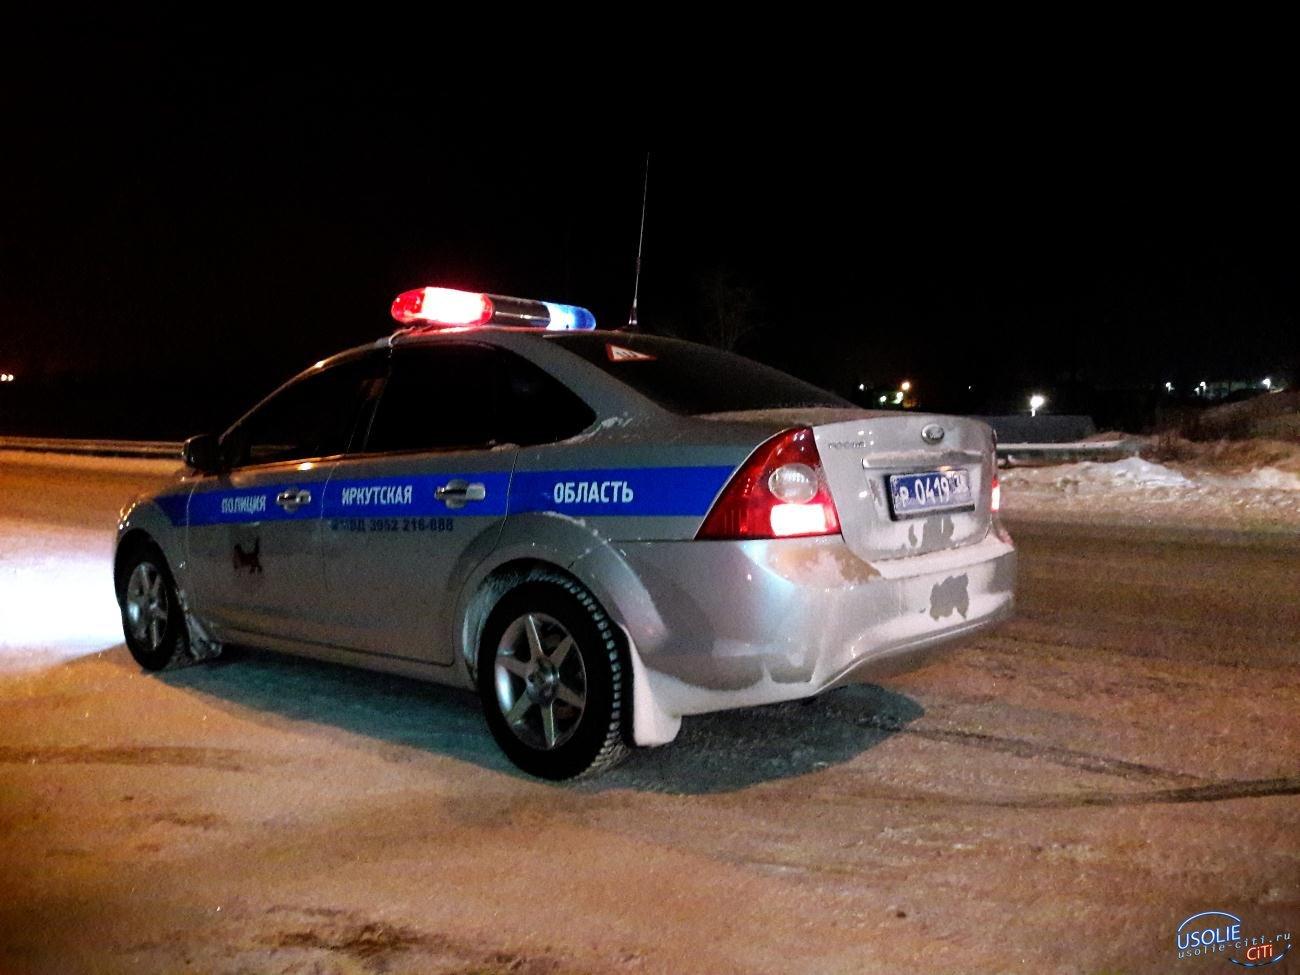 Под Усольем грузовик столкнулся с иномаркой и ударил снегоуборочную машину